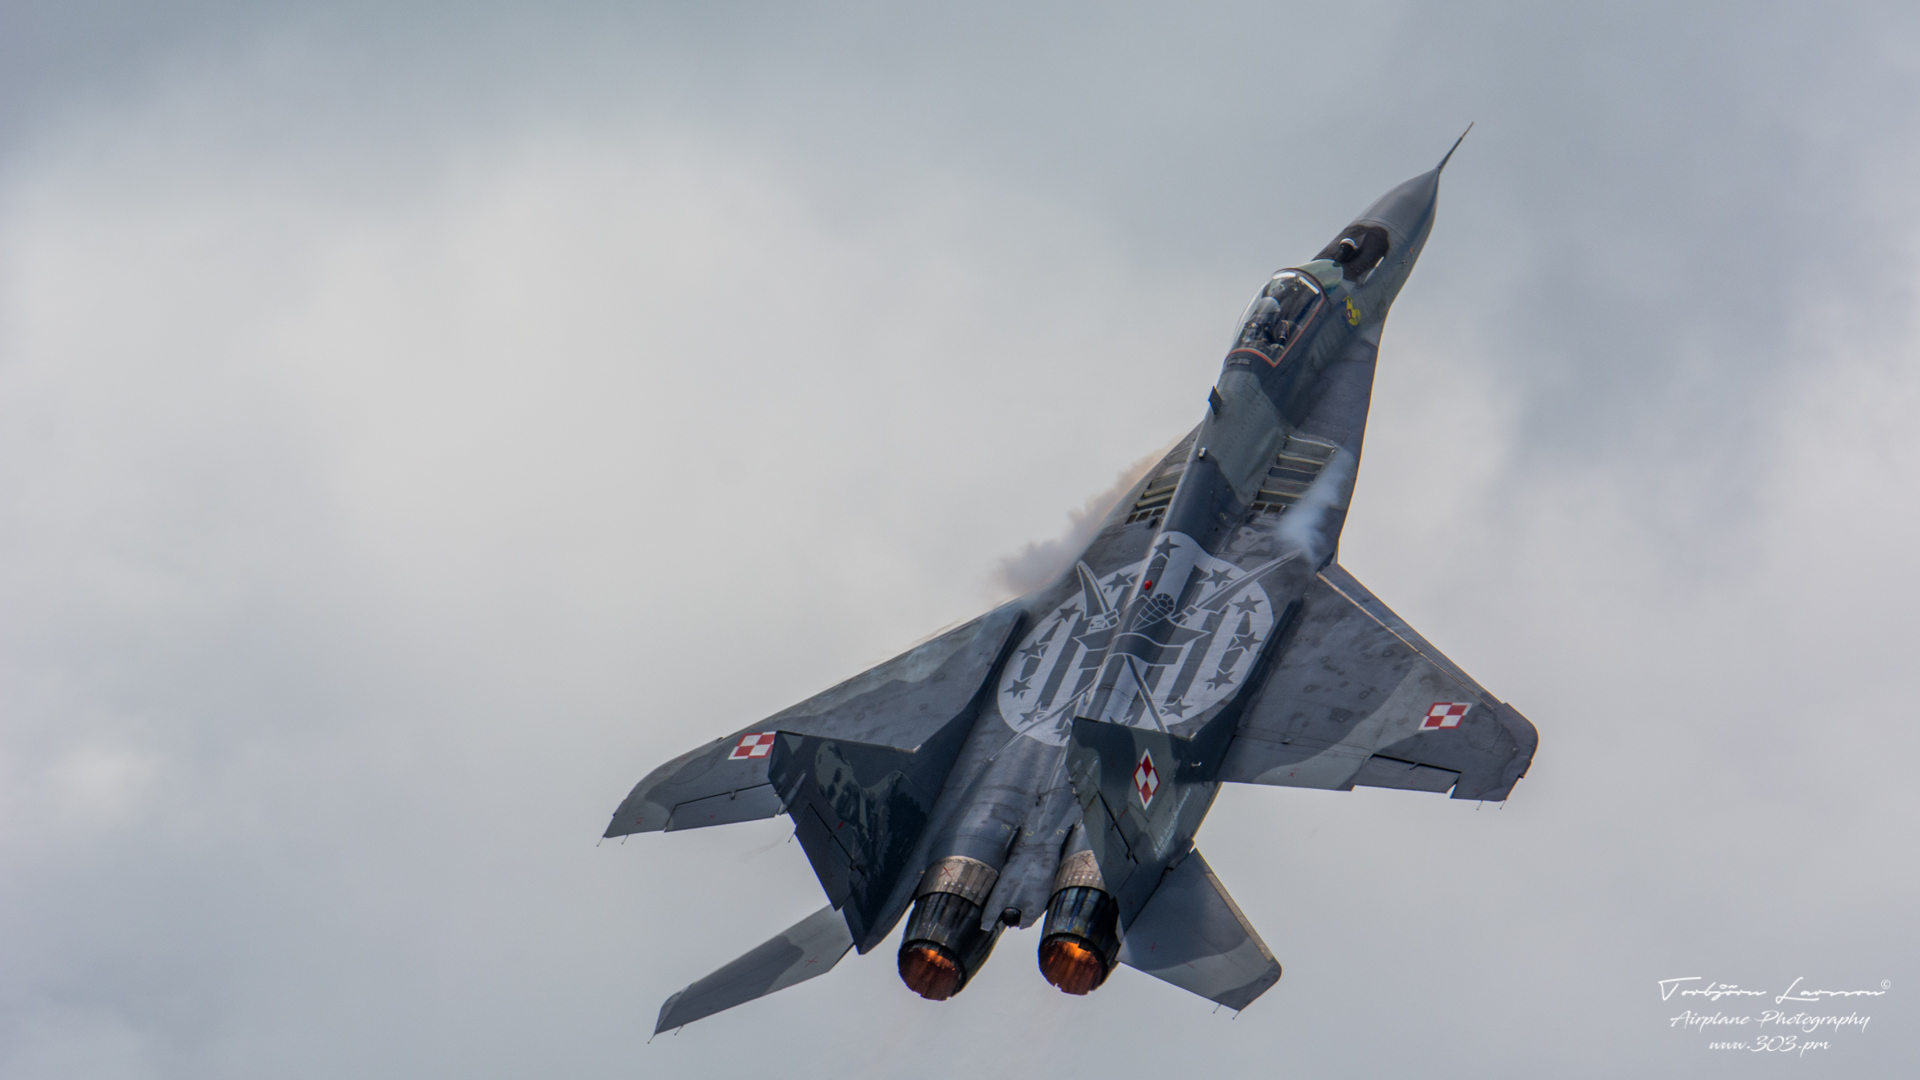 MiG-29 Fulcrum